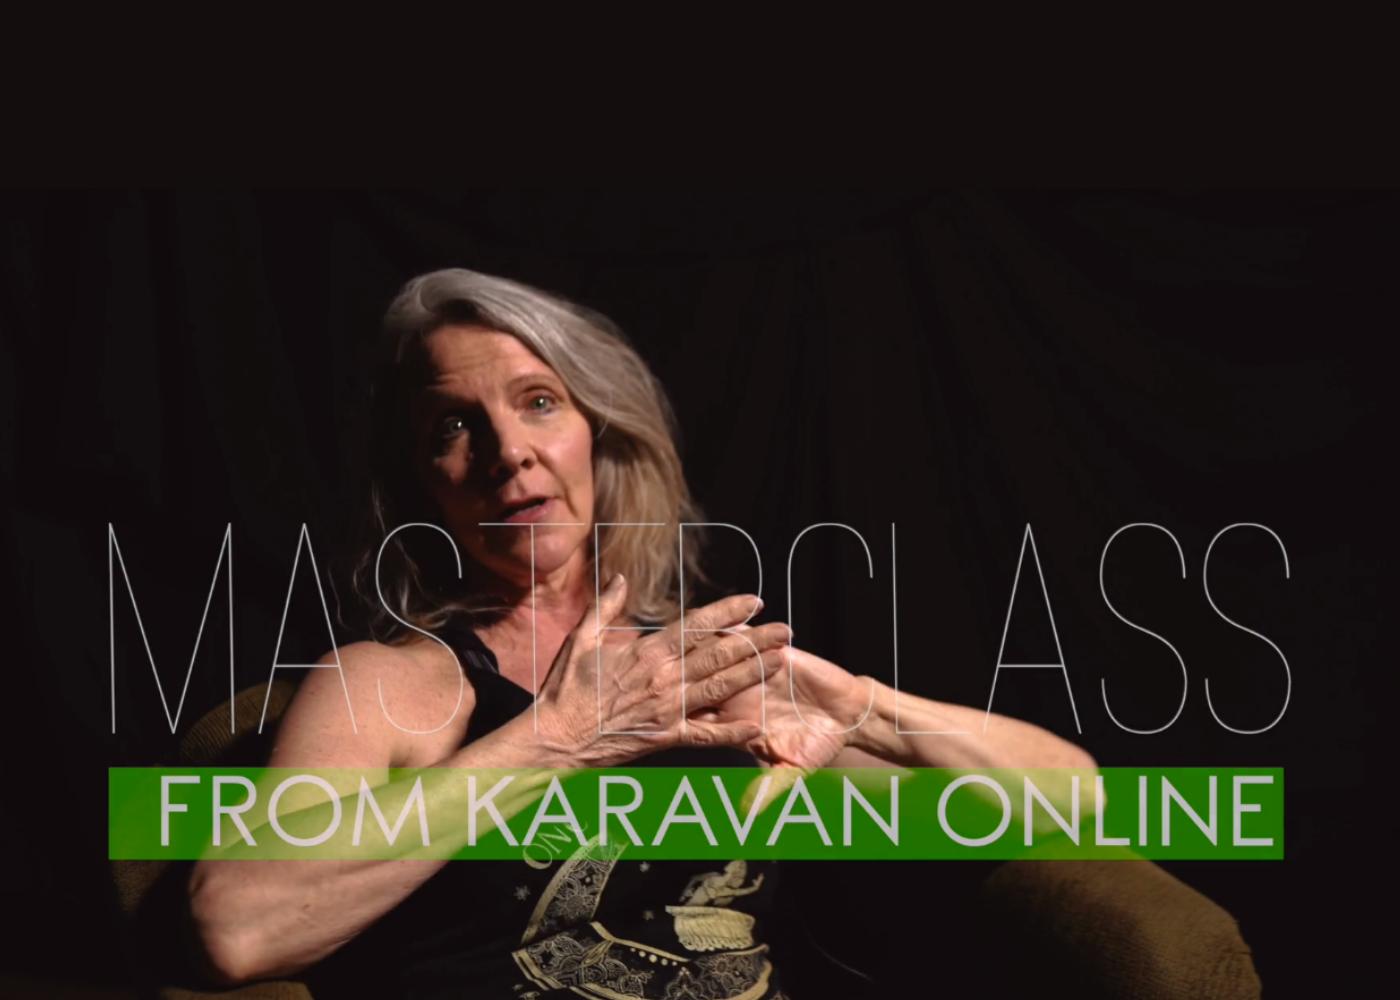 Karen Barbee's Masterclass